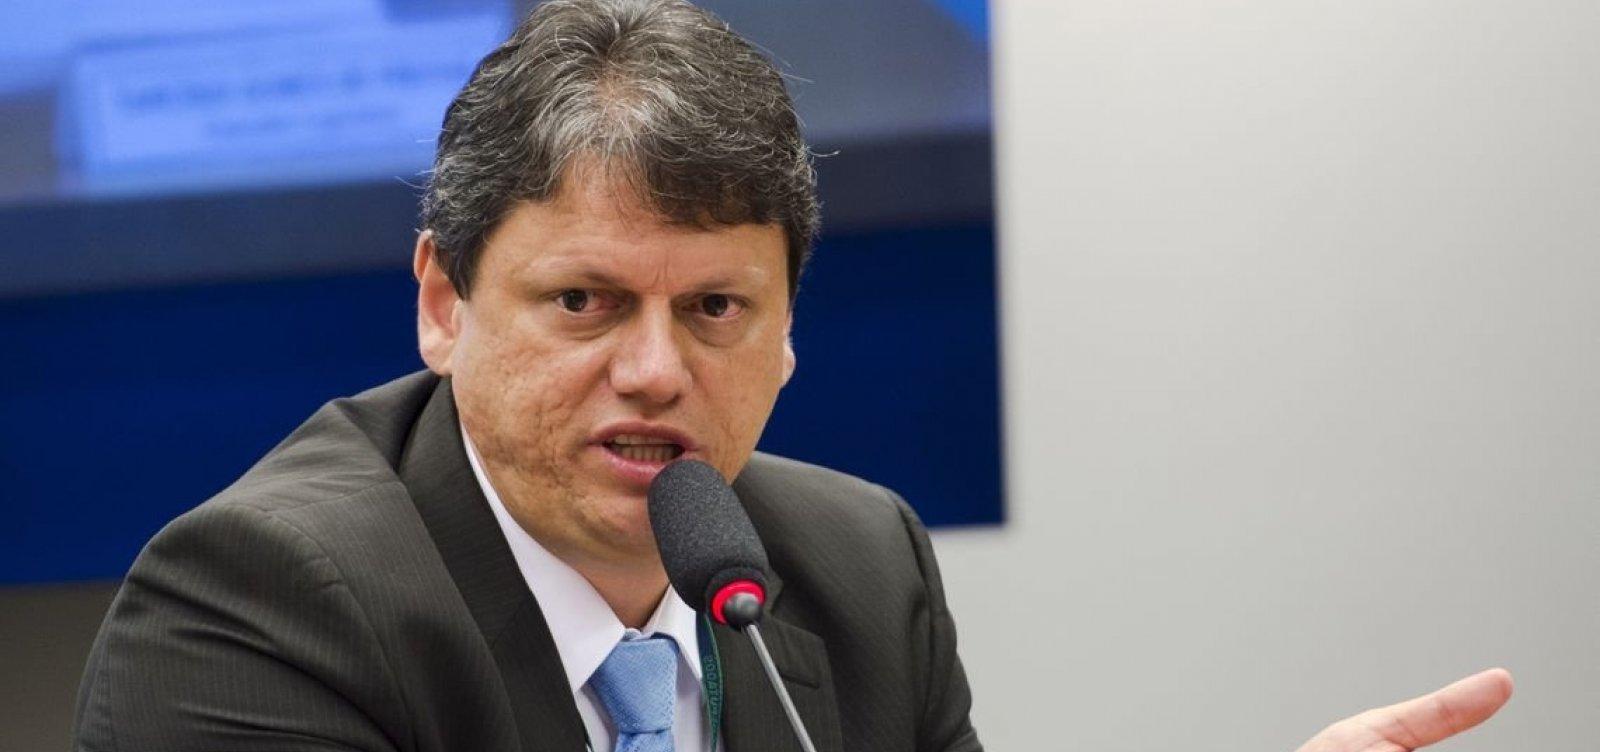 [Governo quer fim da taxa extra para voos internacionais, diz ministro]